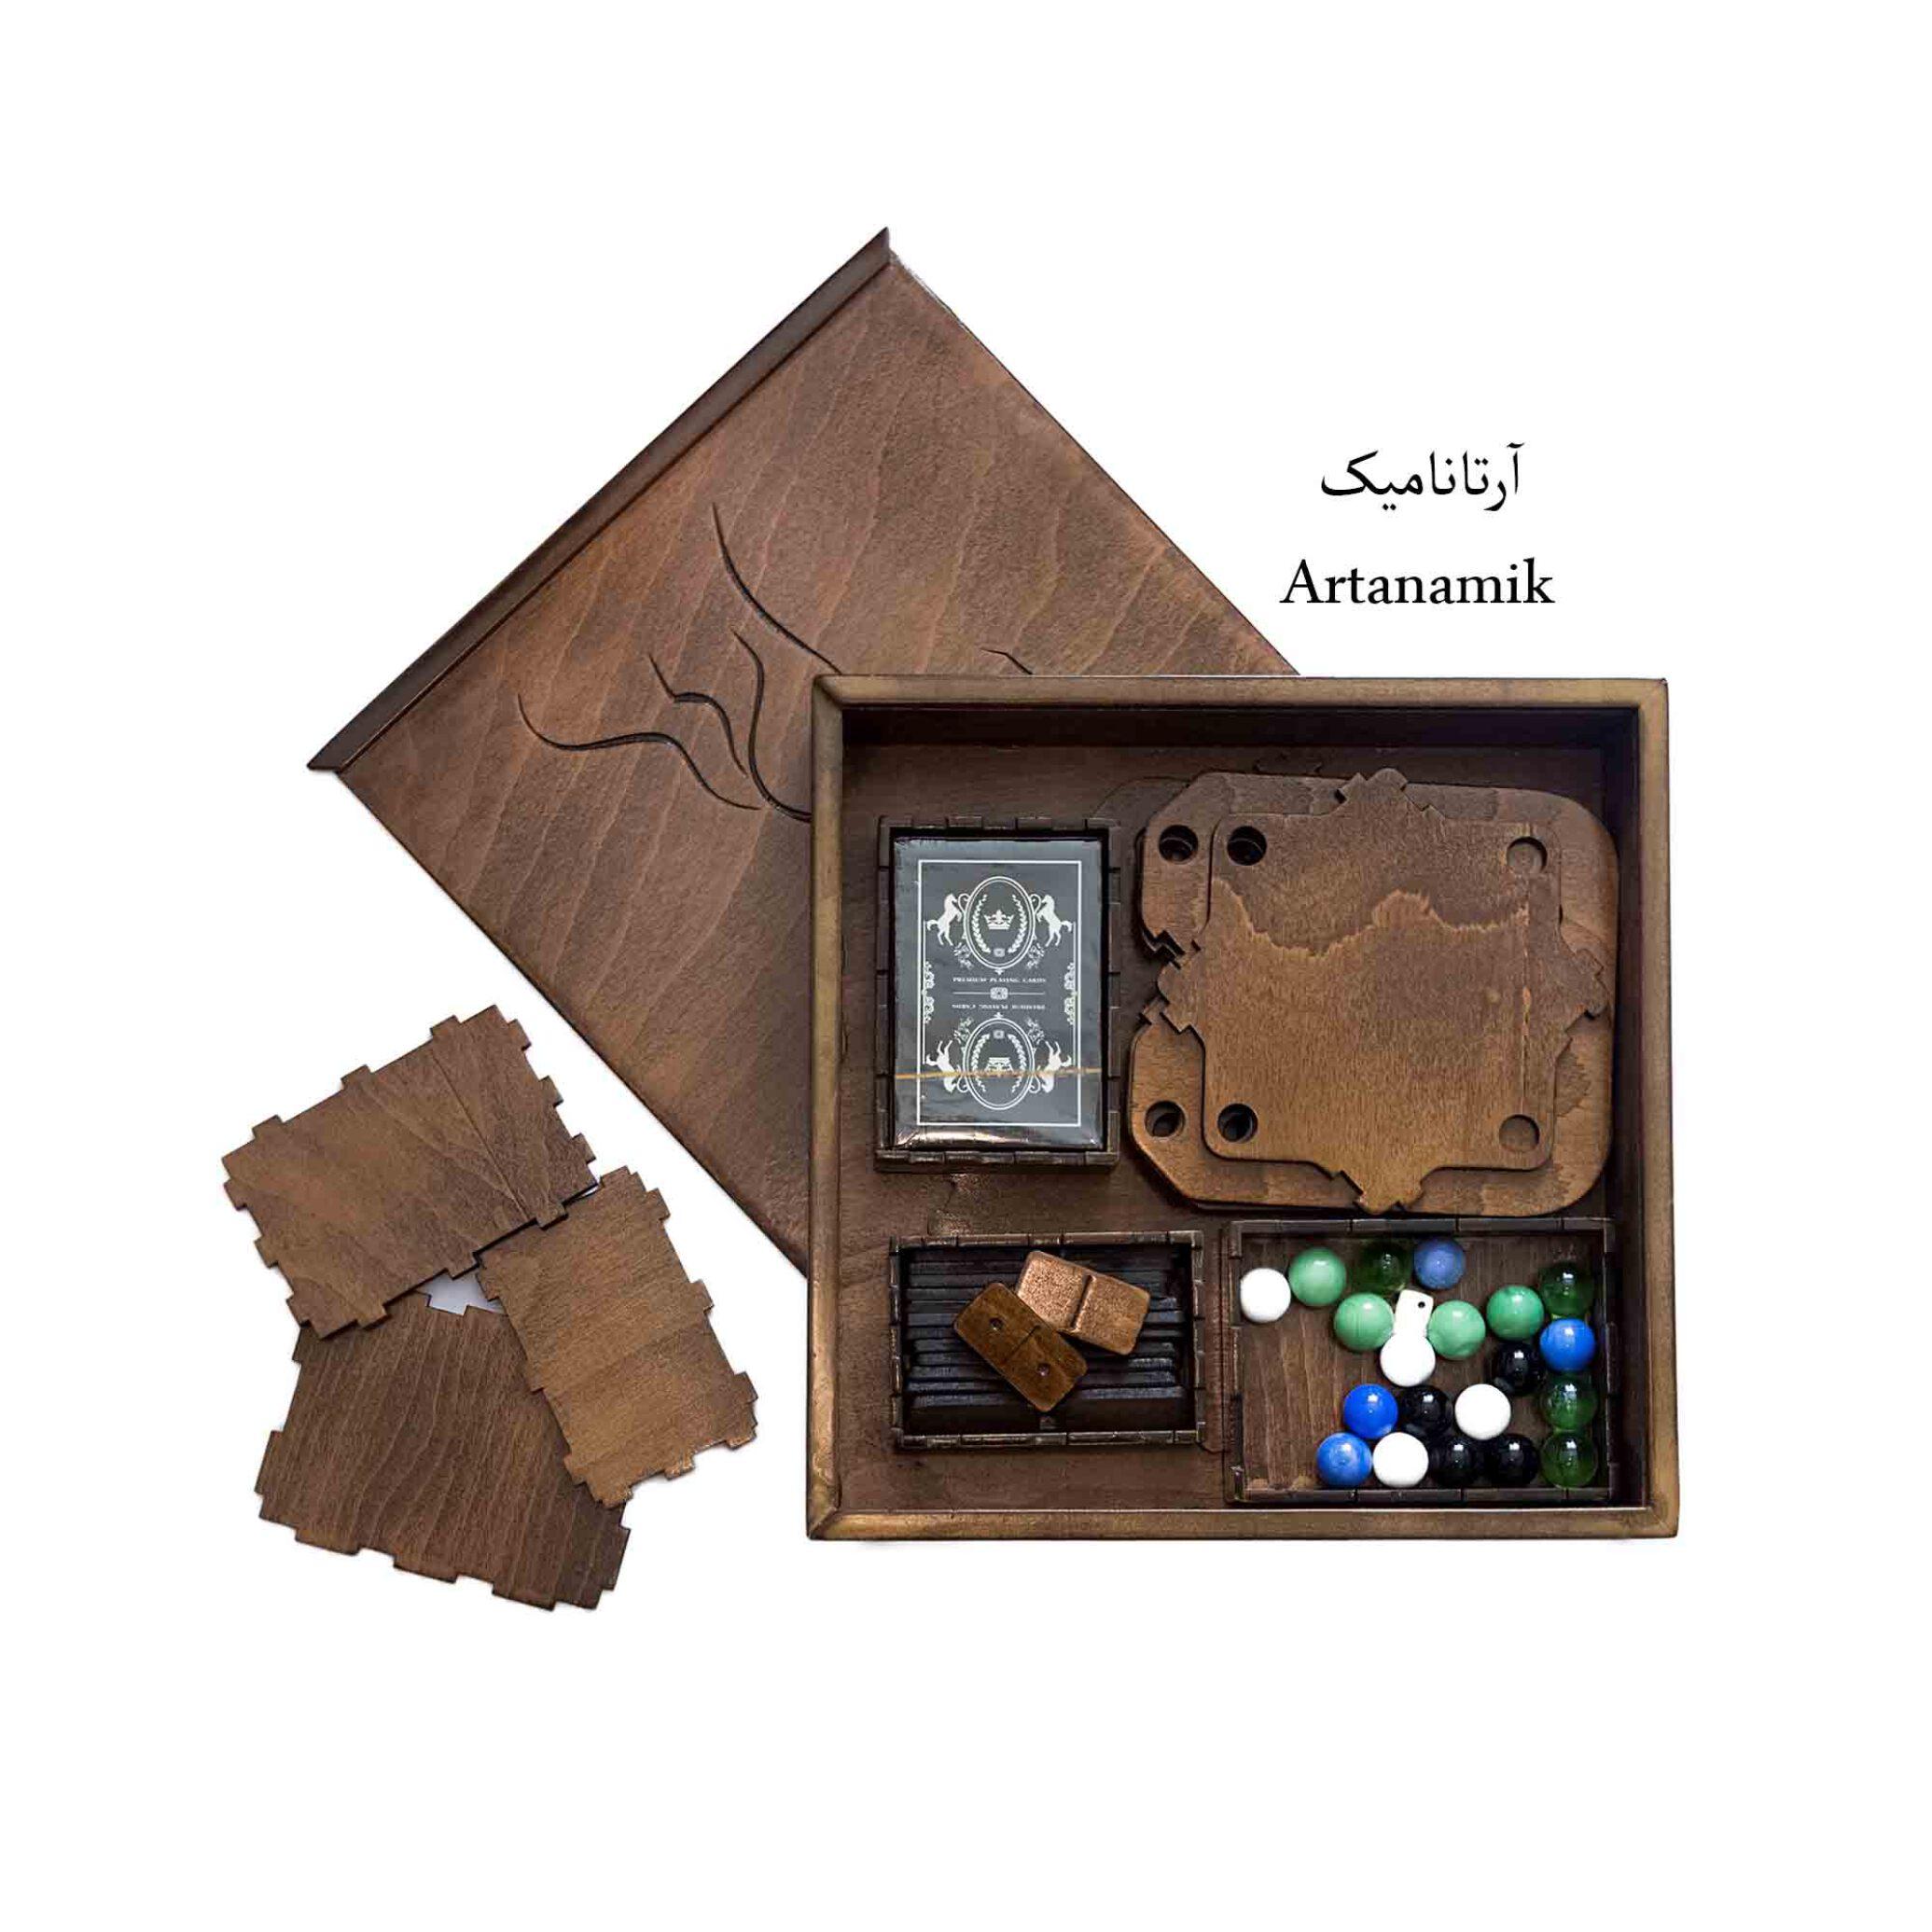 باکس شامل 4 بازی : منچ 4 نفره، منچ 6 نفره، دومینو ، کارت.